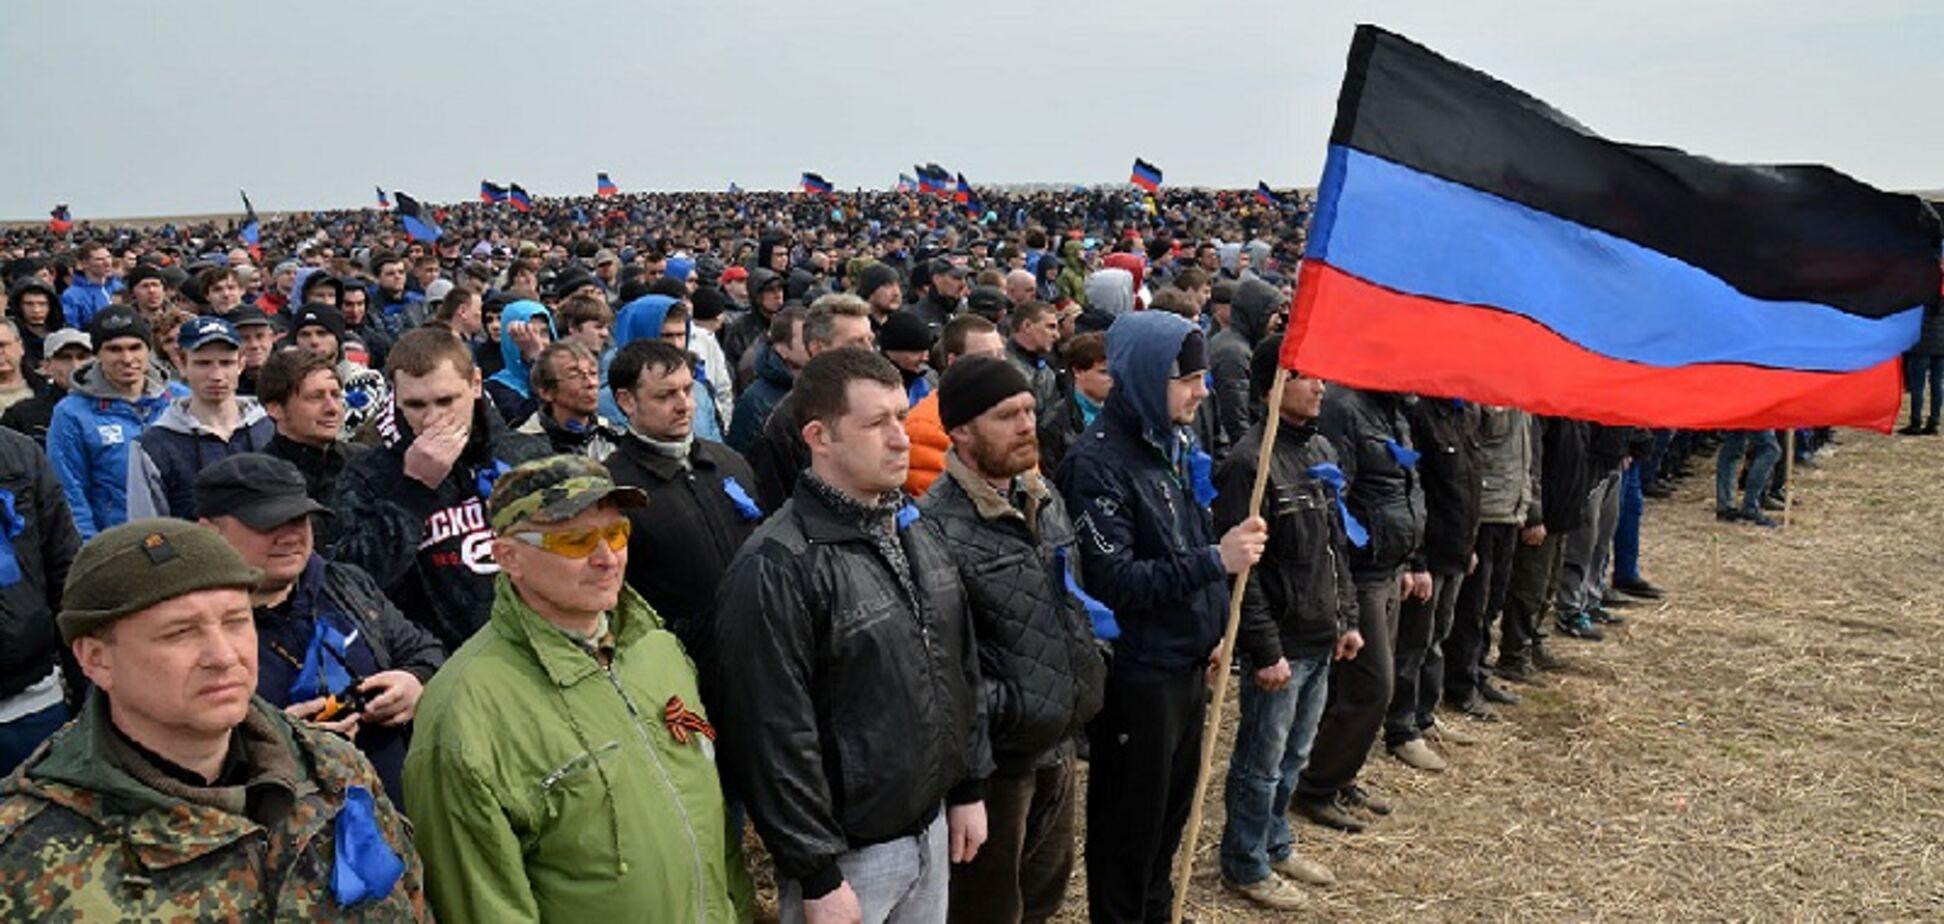 'Воюют за еду': украинский партизан рассказал о настроениях в 'Л/ДНР'